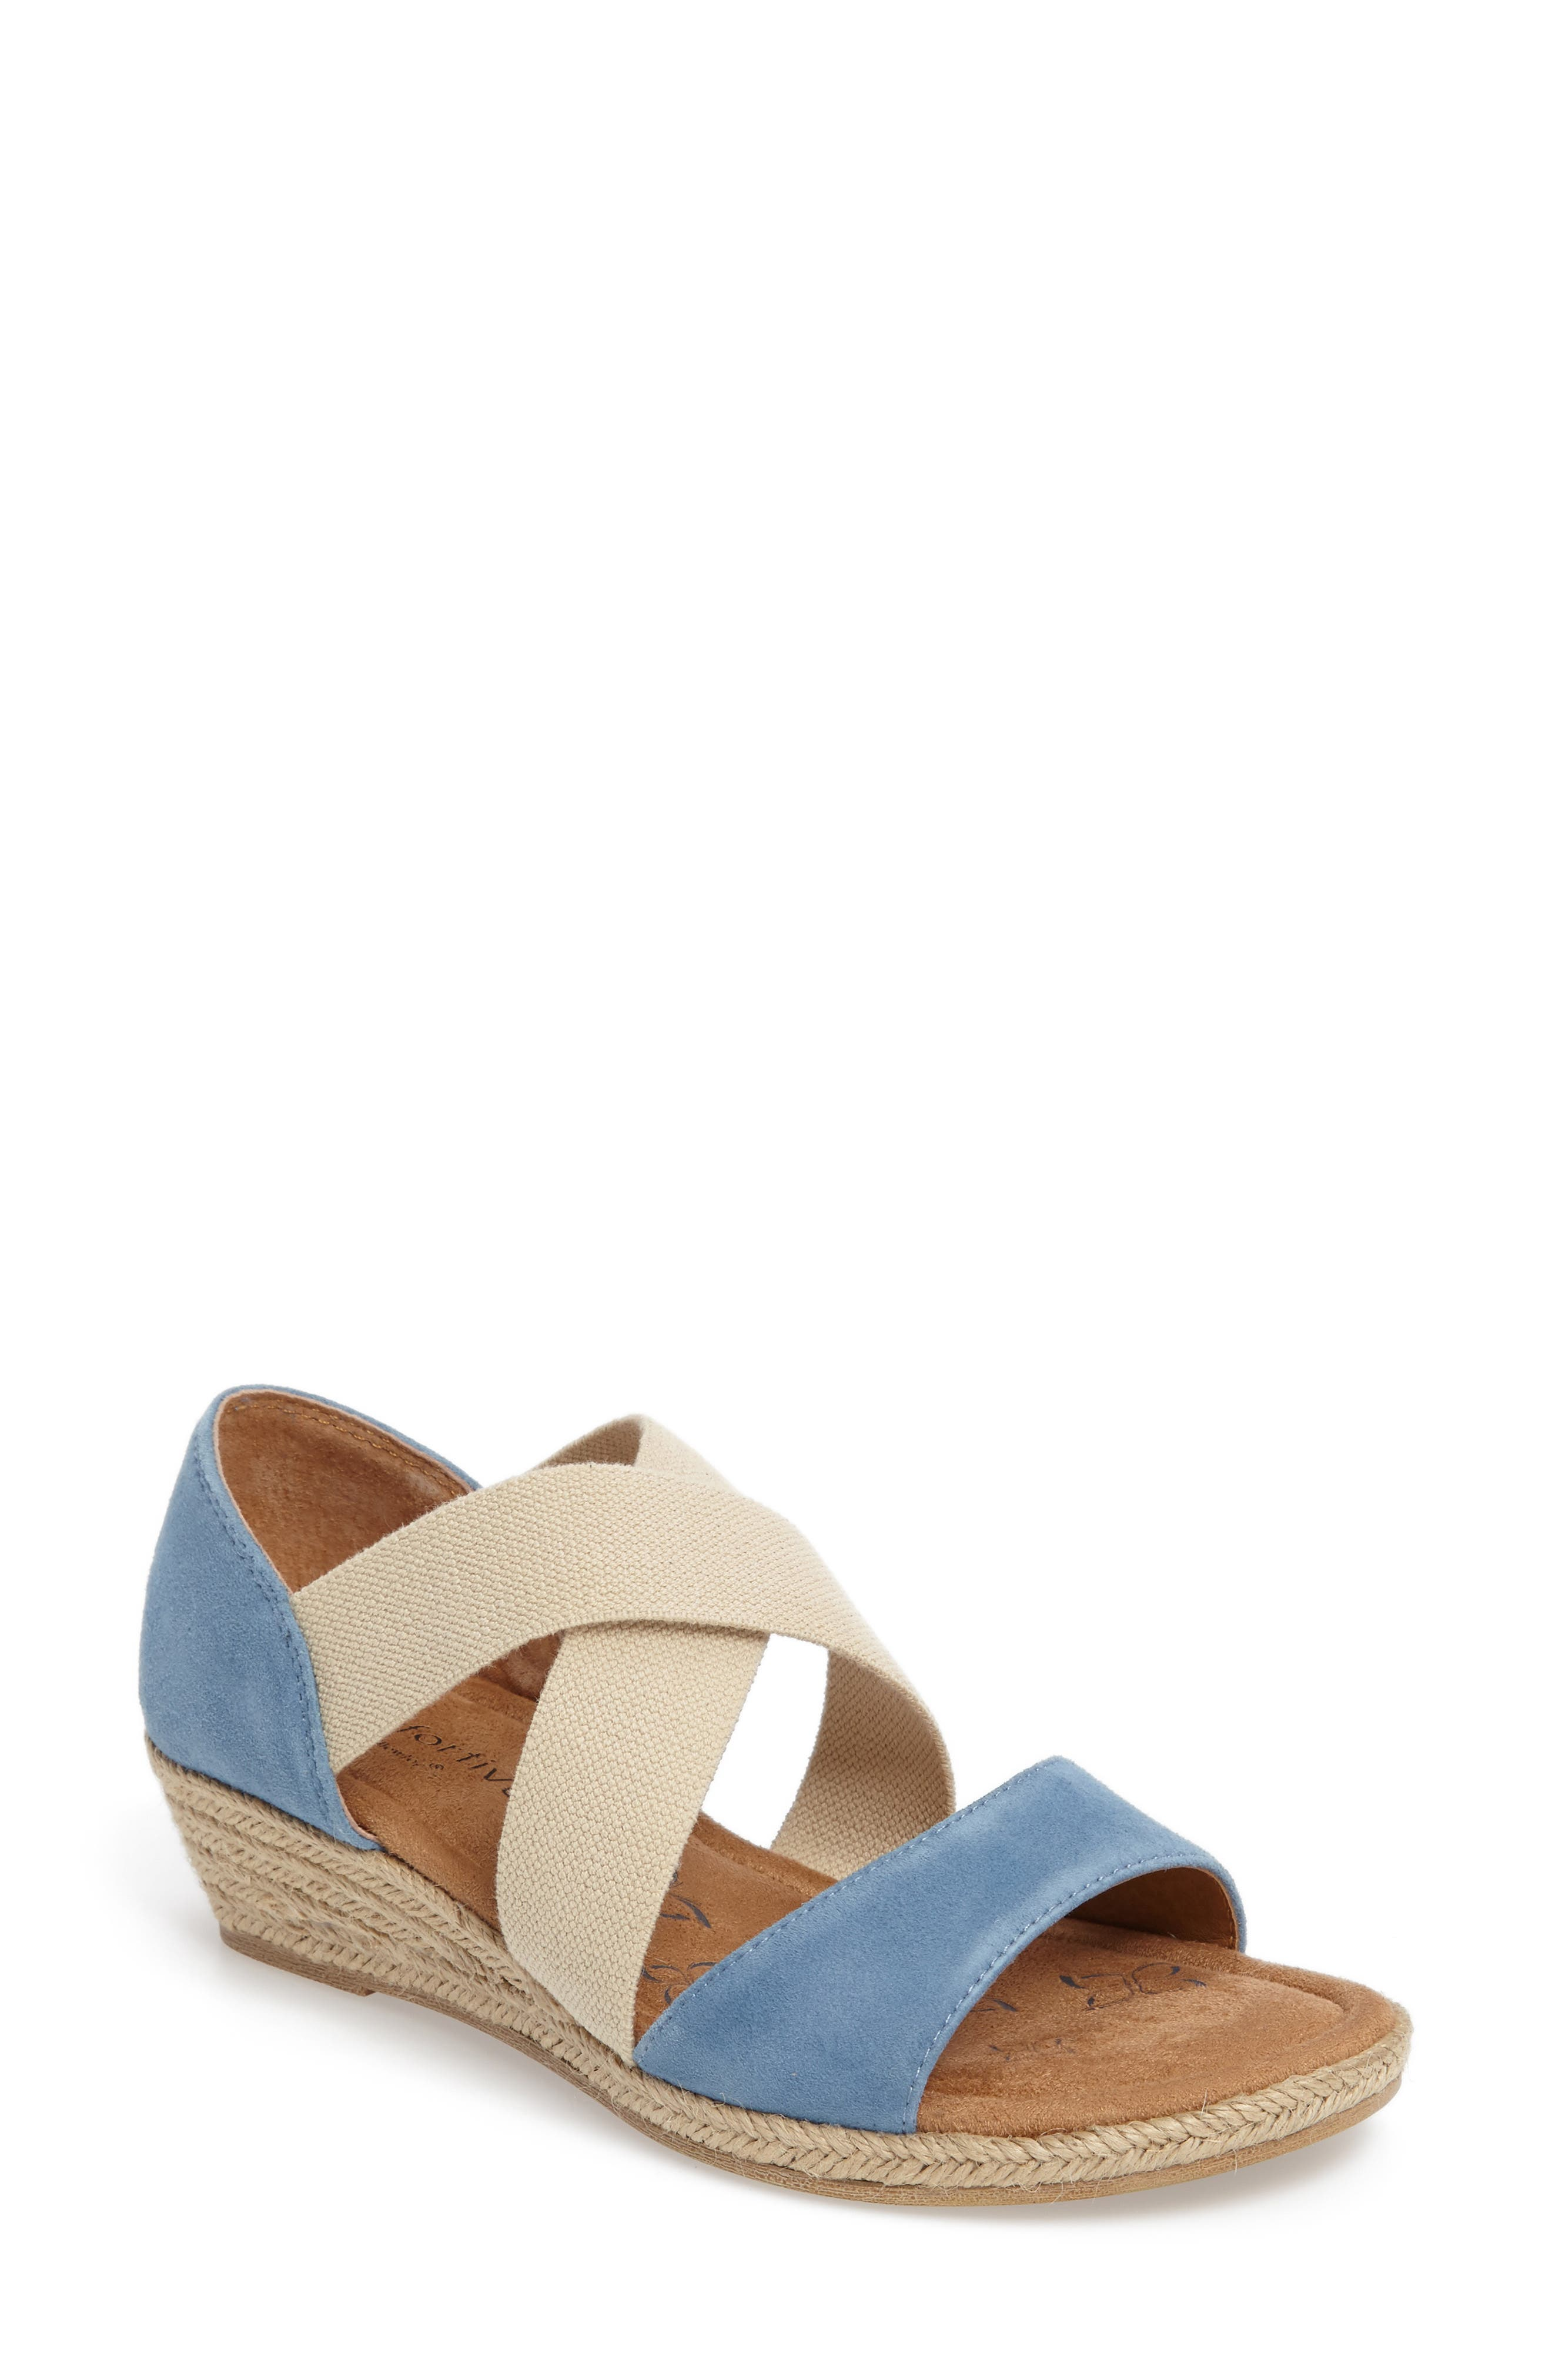 Brye Espadrille Sandal,                             Main thumbnail 1, color,                             Pale Blue Suede